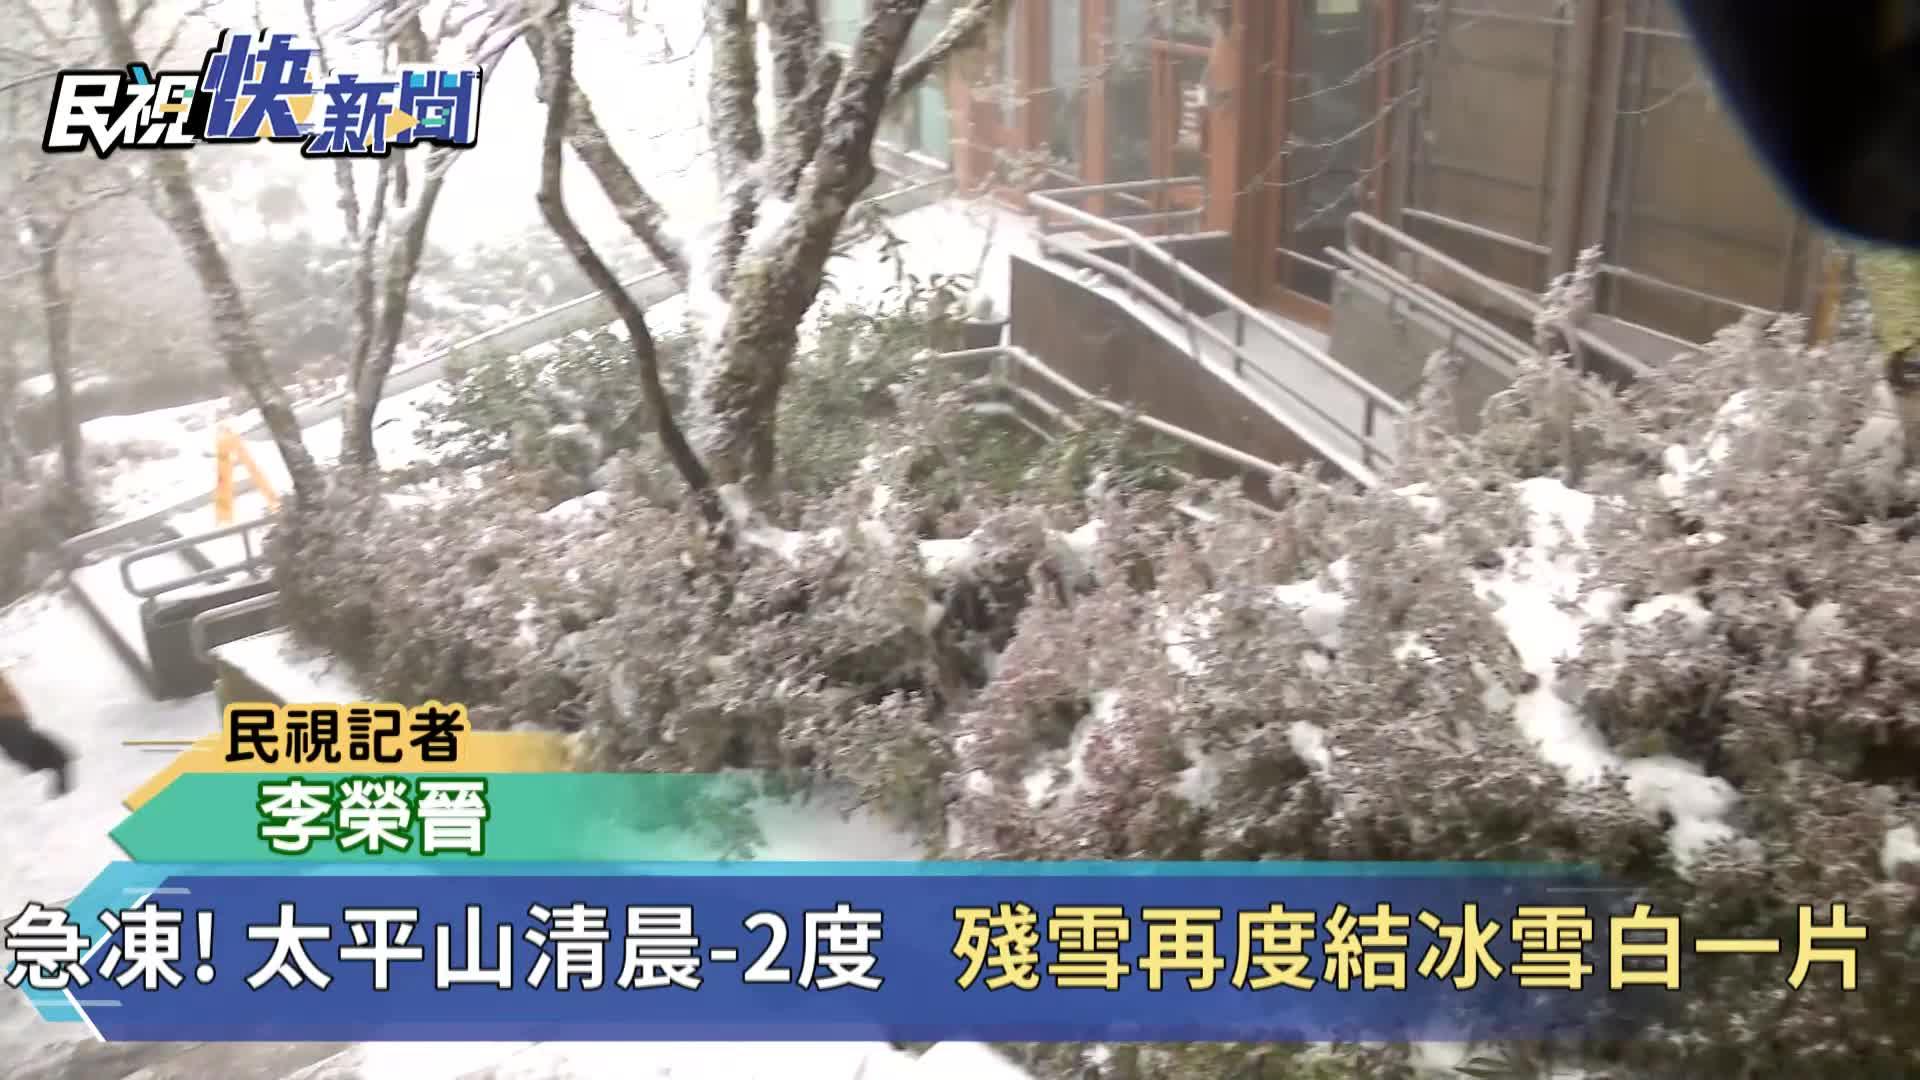 快新聞/太平山清晨-2°C 民眾趕上山賞雪車龍排3公里